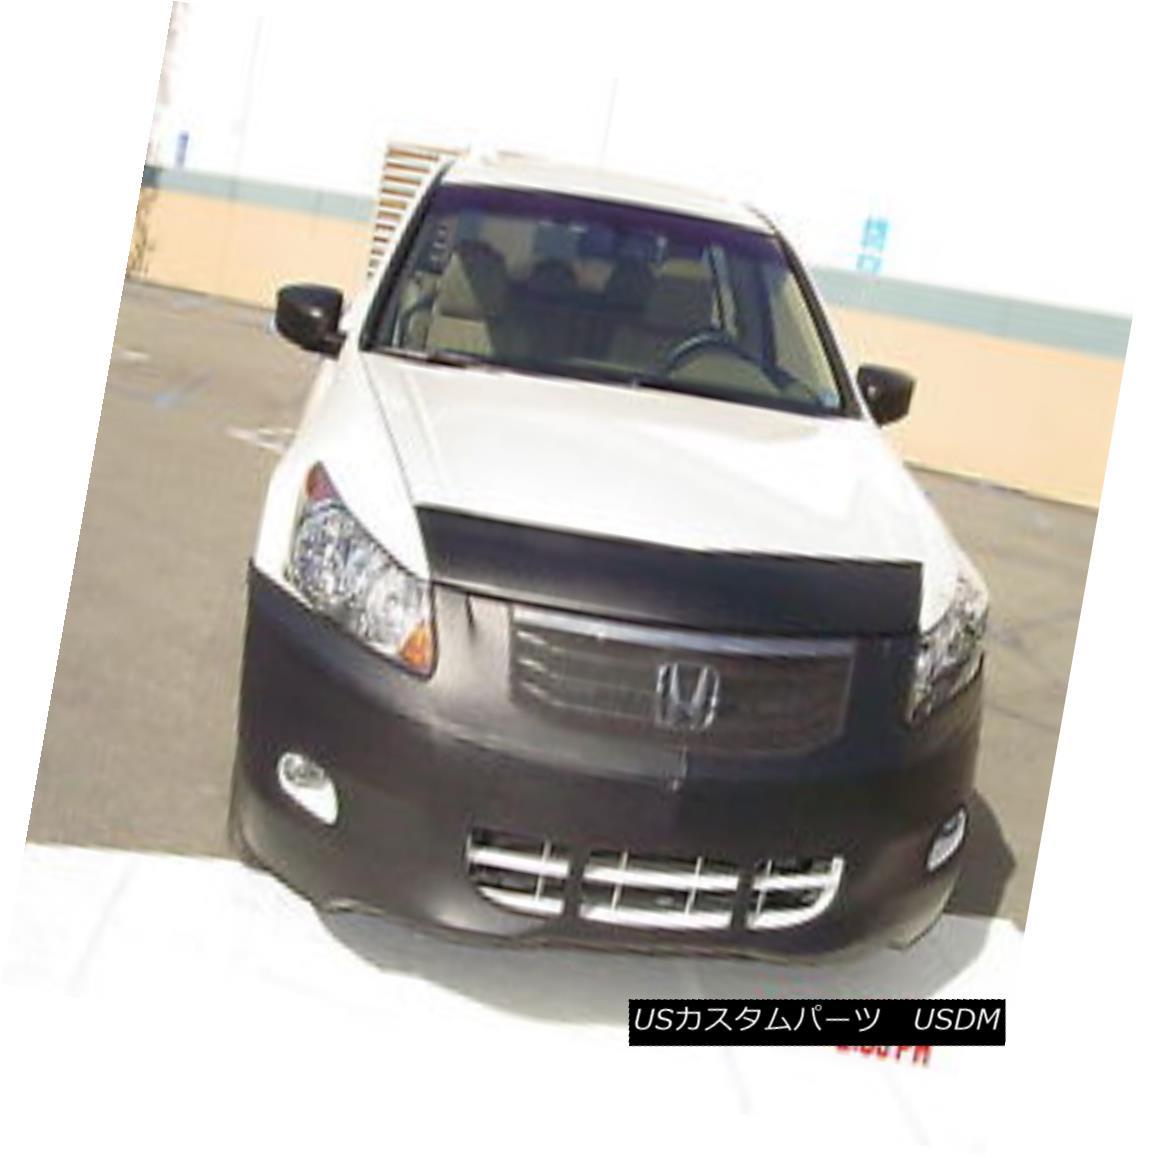 フルブラ ノーズブラ Colgan Front End Mask Bra 2pc. Fits Honda Accord Sedan 6CYL. W/Lic.PL 2008-2010 コルガンフロントエンドマスクブラ2pc ホンダアコードセダン6CYLに適合。 W / Lic.PL 2008-2010